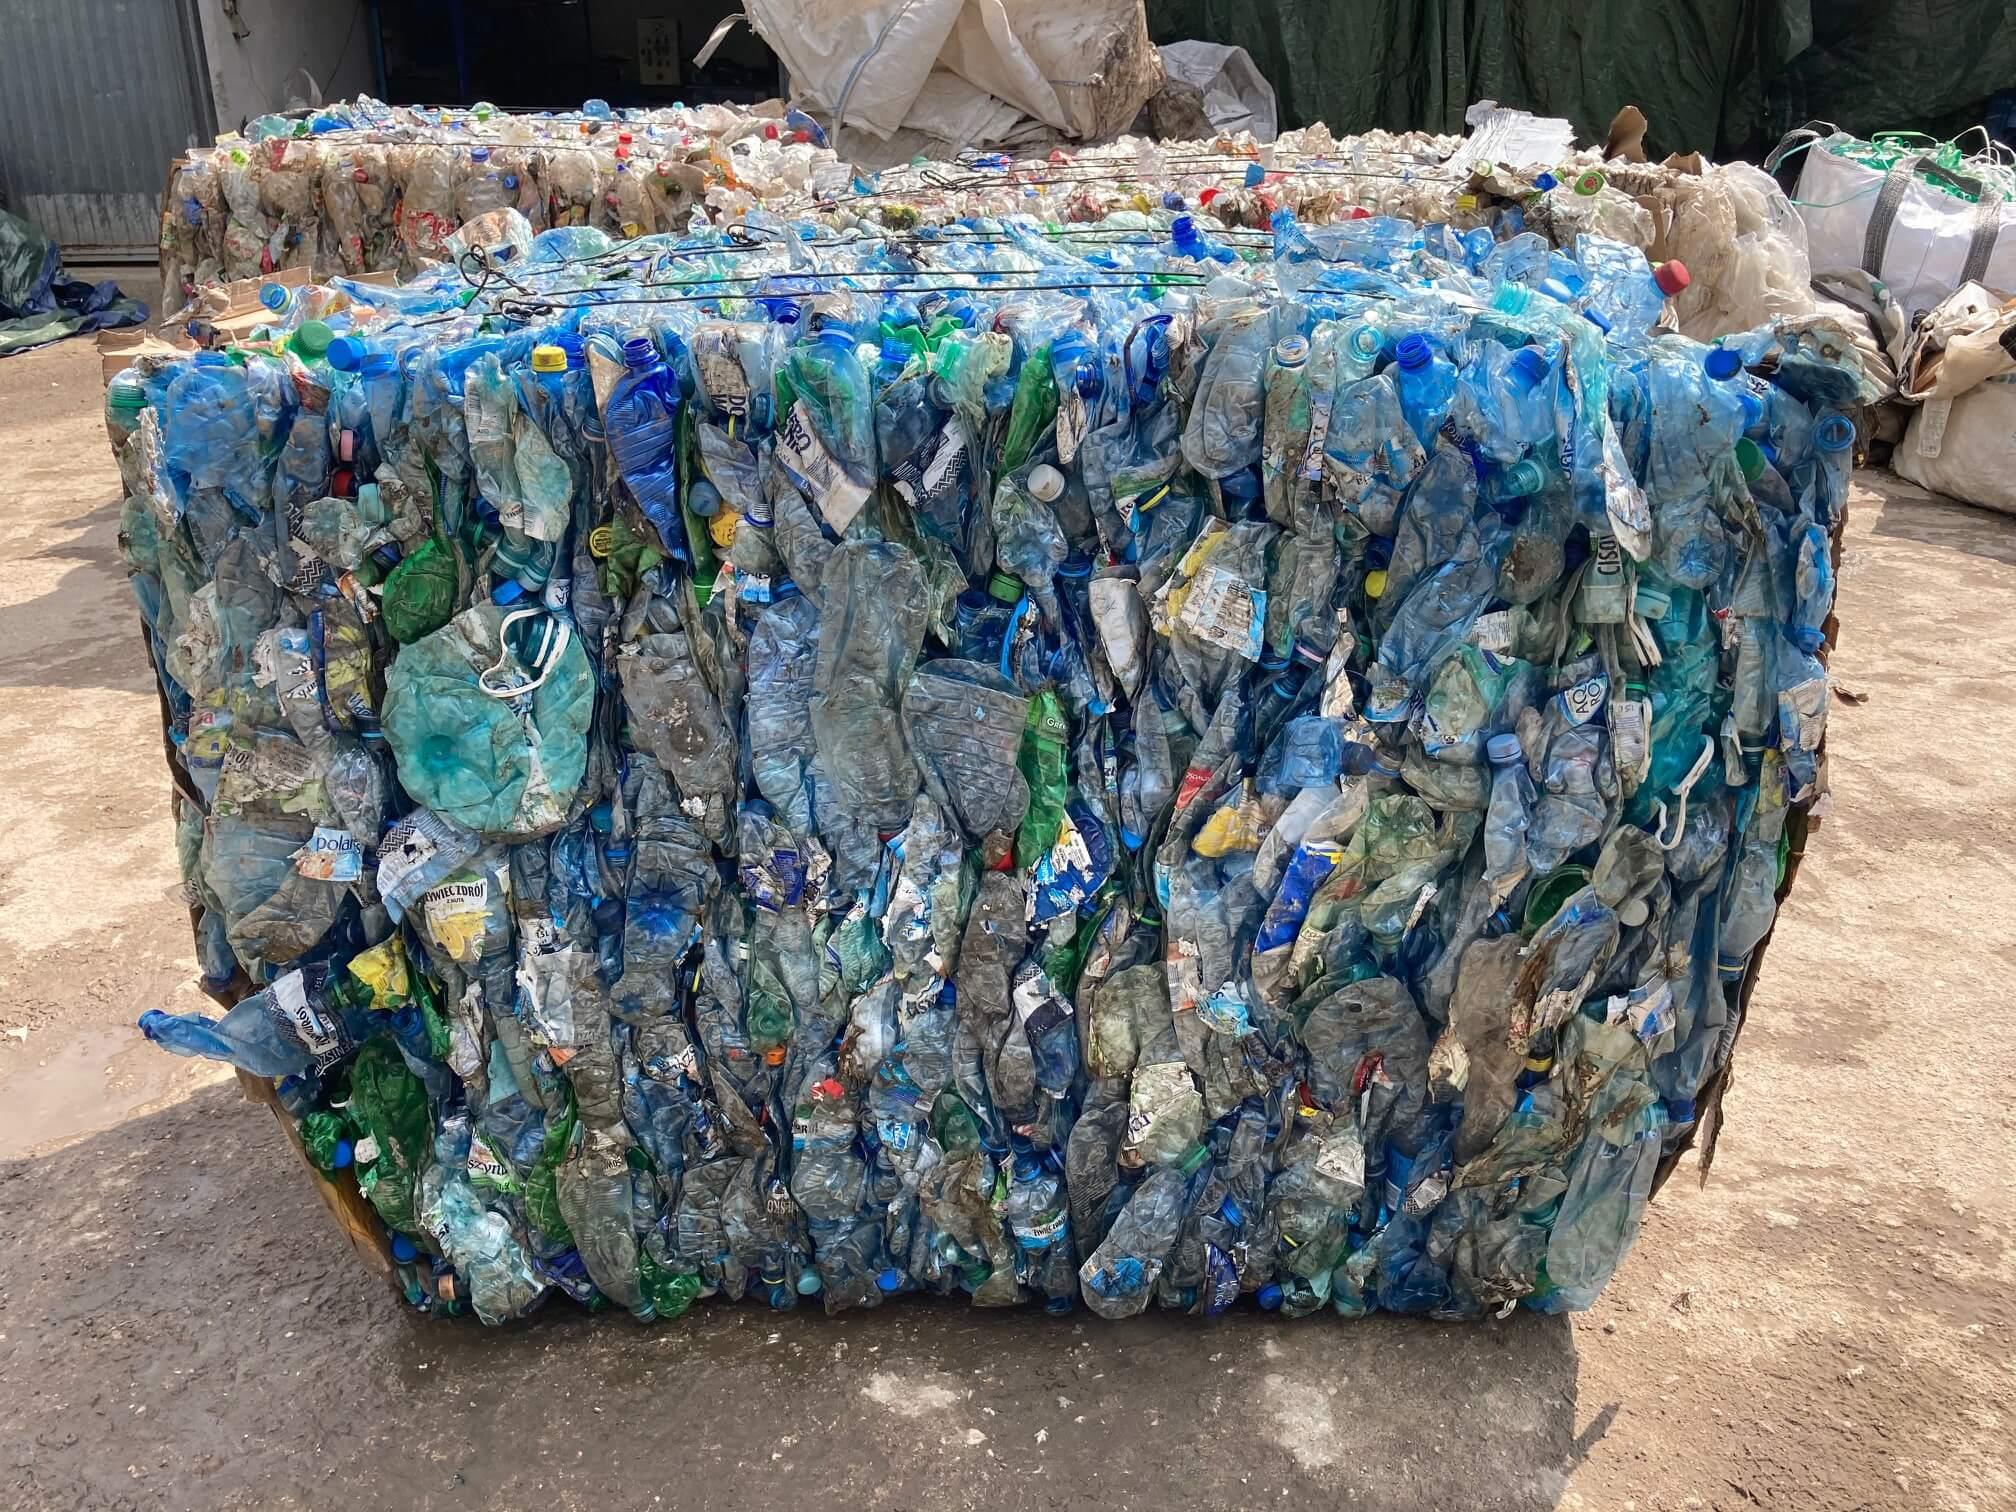 wywóz opakowań odpadów opakowaniowych